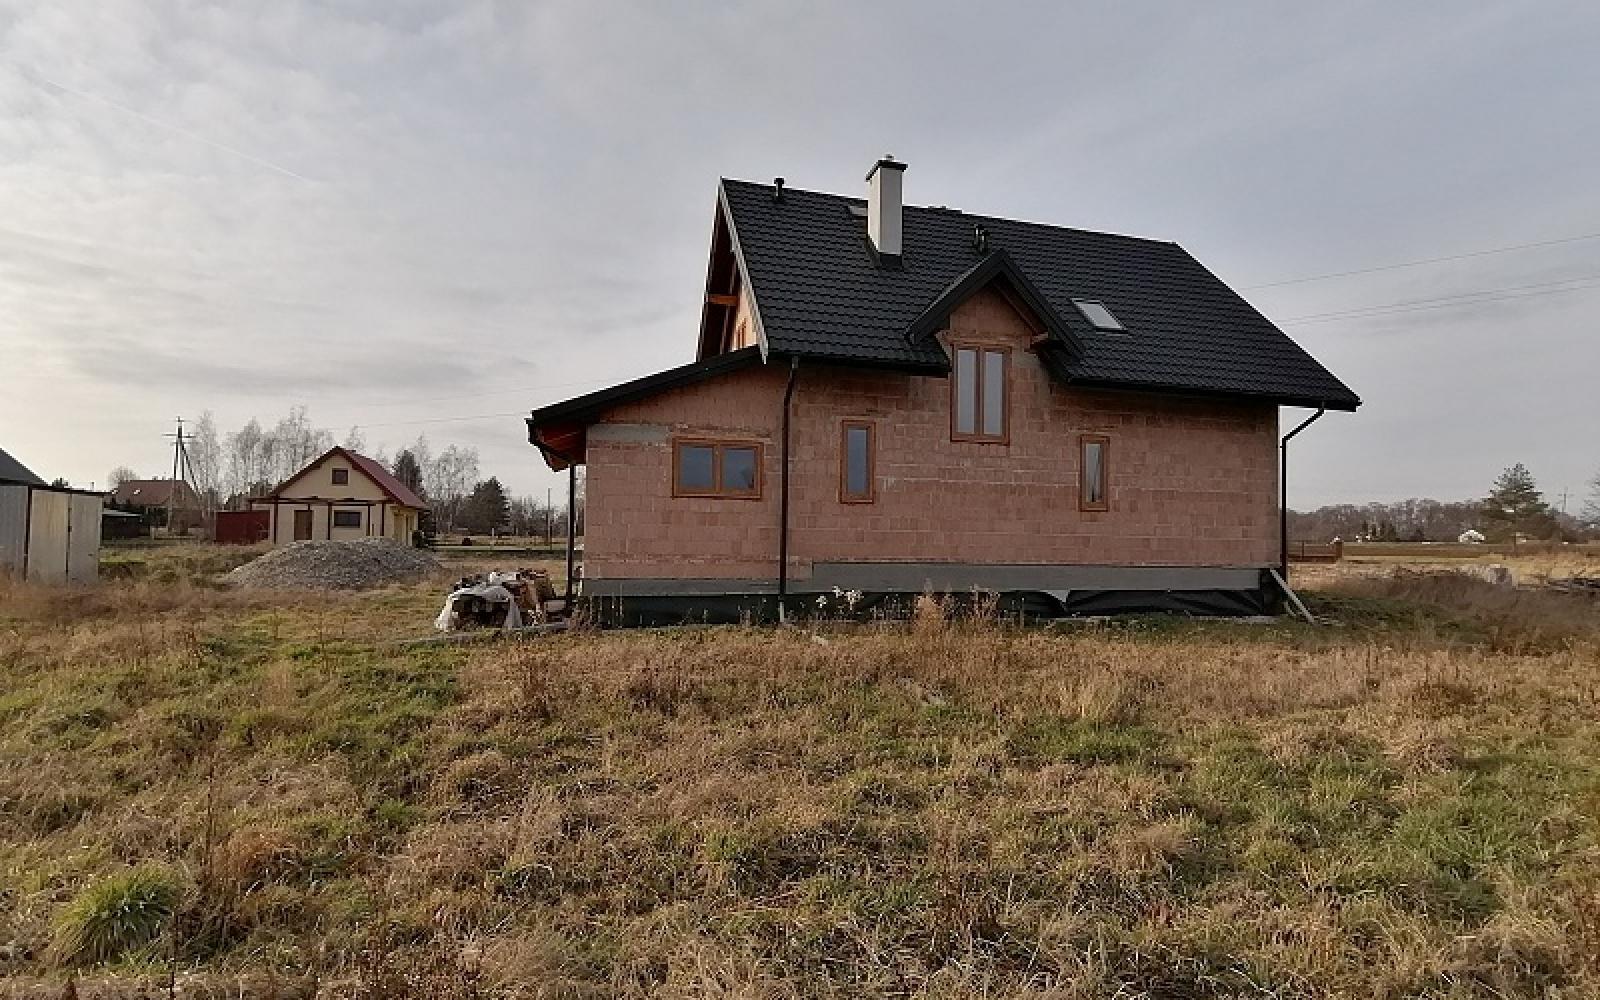 4 Bedrooms Bedrooms, 5 Rooms Rooms,2 BathroomsBathrooms,Domy,Sprzedaż,1063